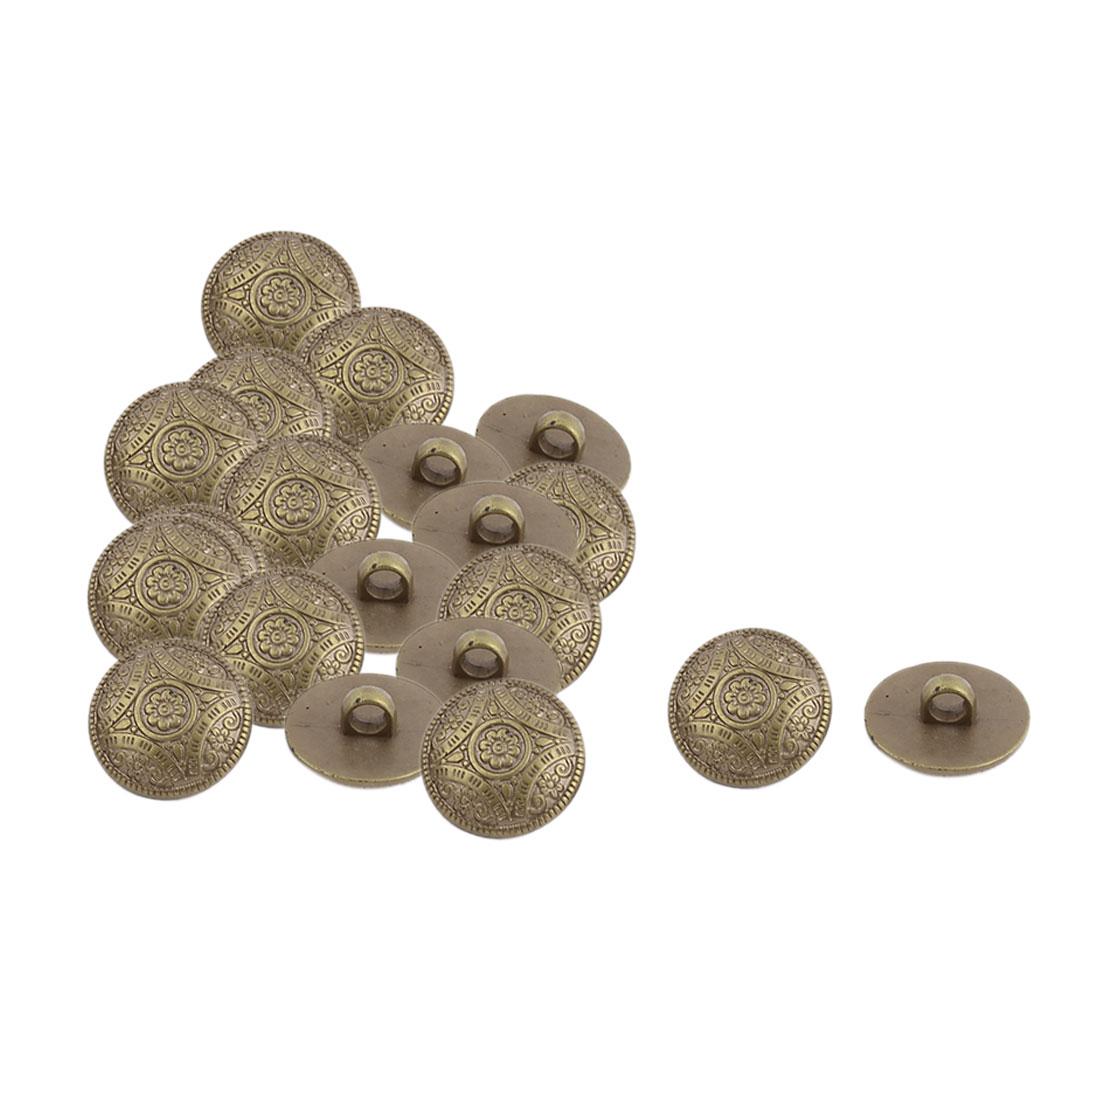 Home Plastic Flower Pattern DIY Decor Clothes Dress Buttons Bronze Tone 20 Pcs